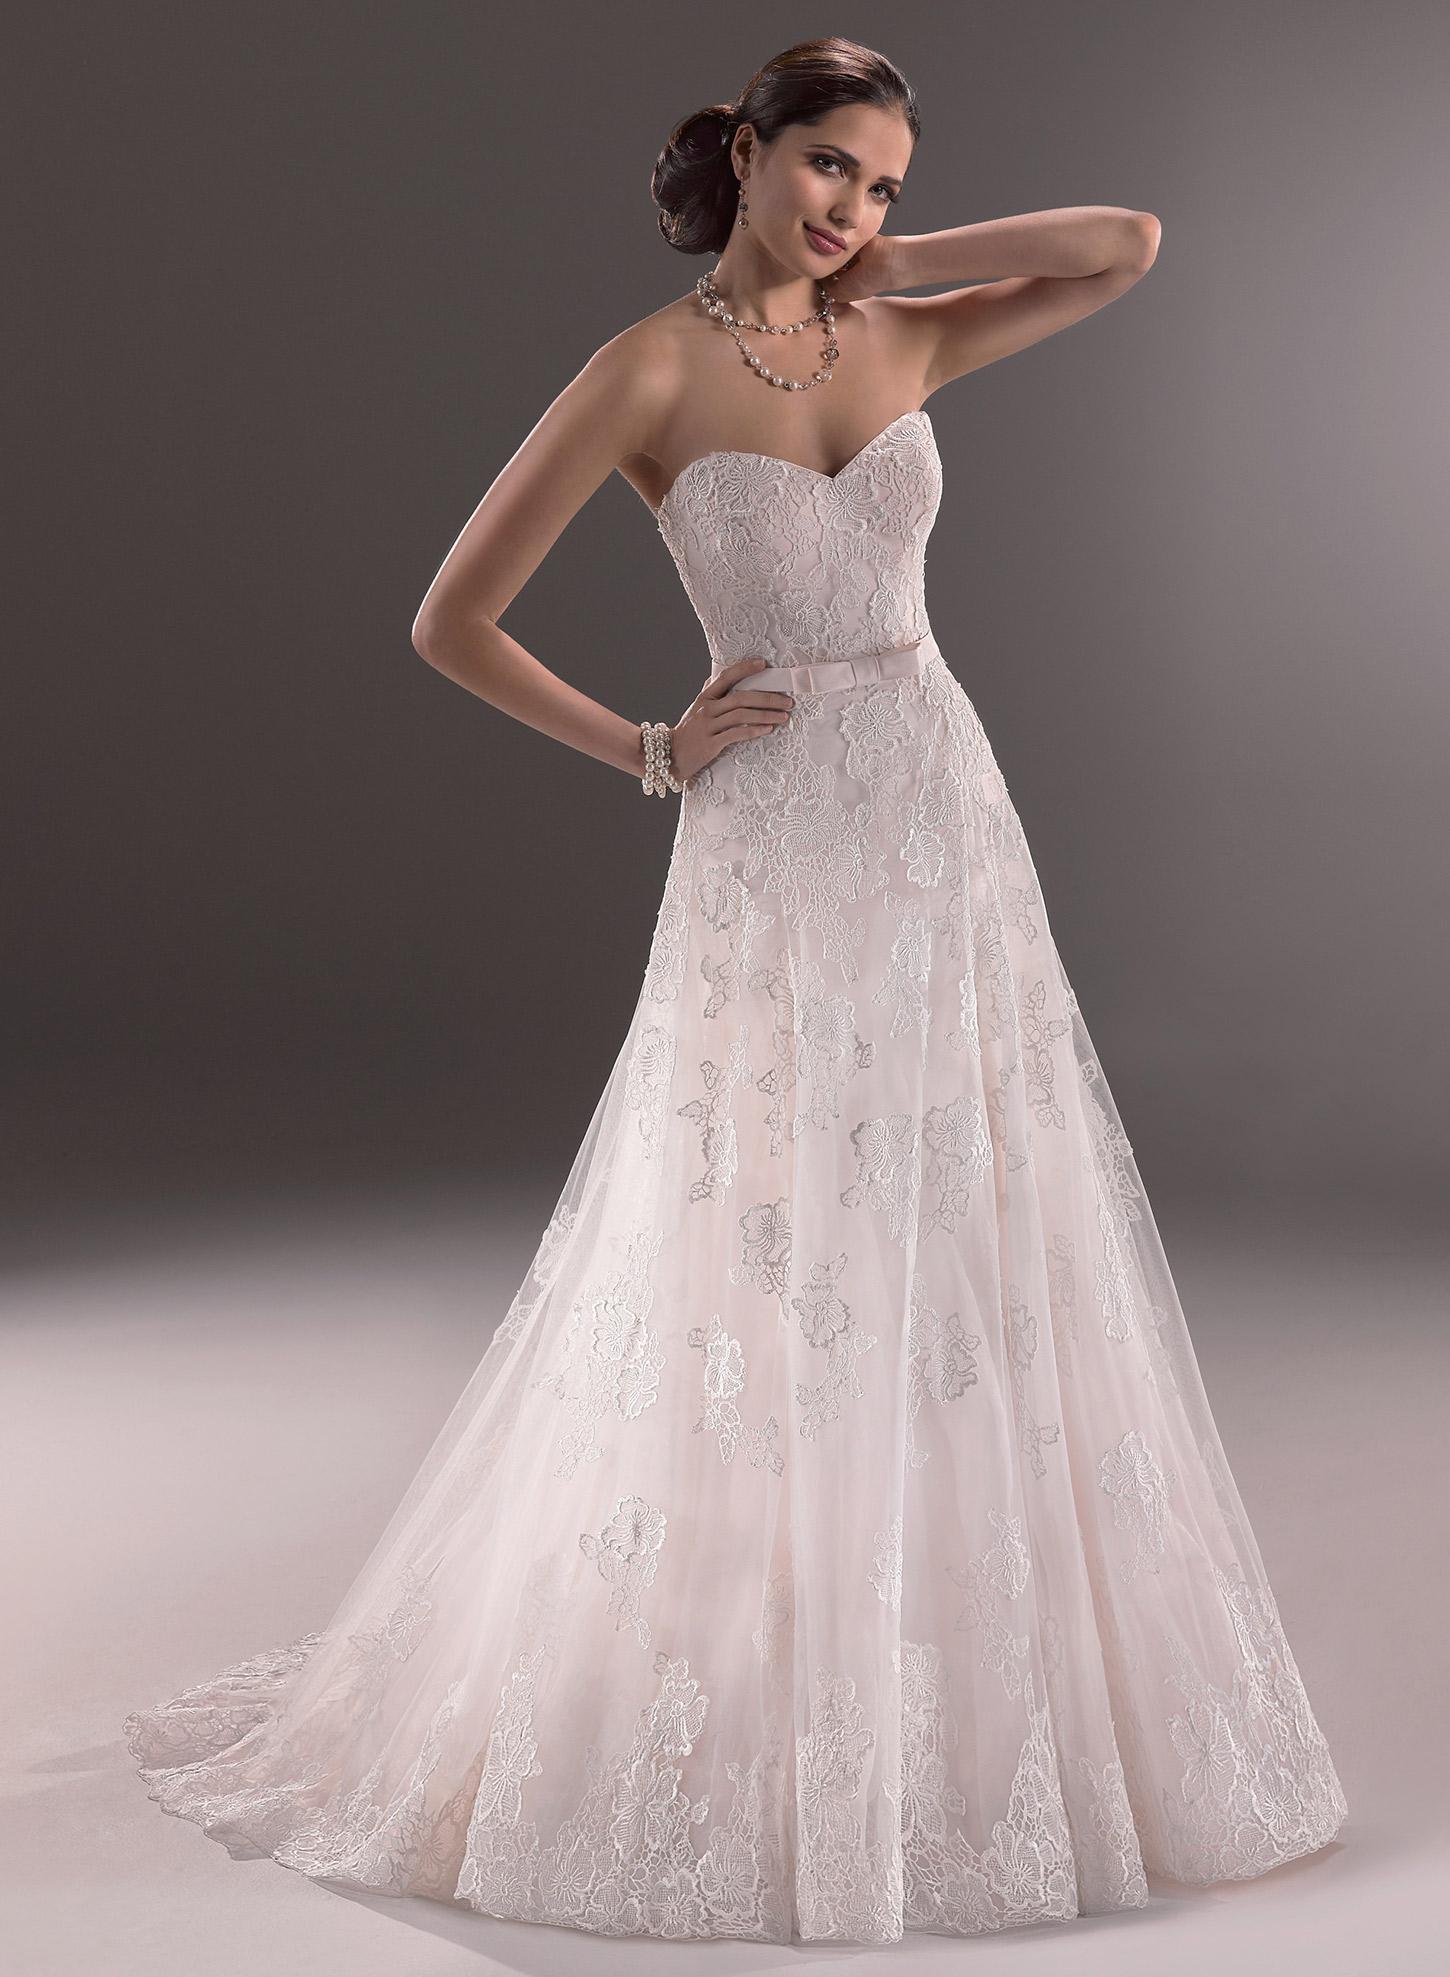 Lançamento Coleção 2014 de Vestidos de Noiva